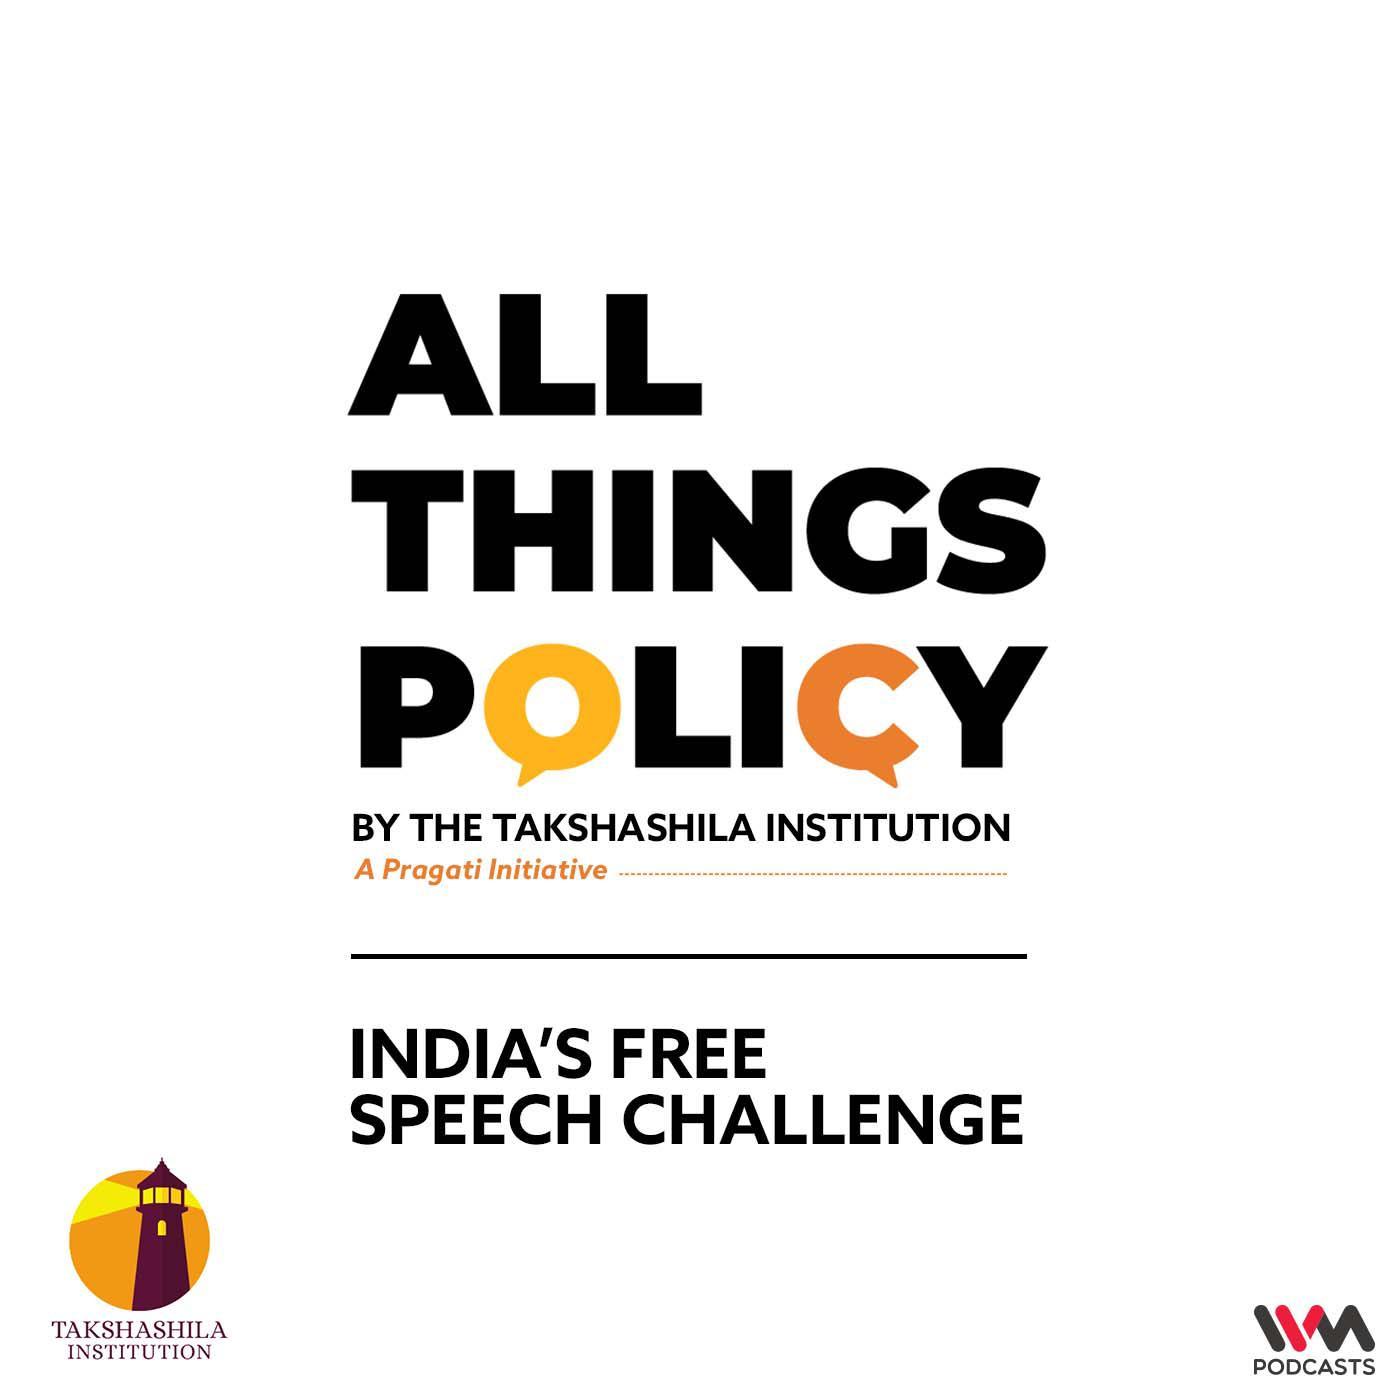 India's Free Speech Challenge